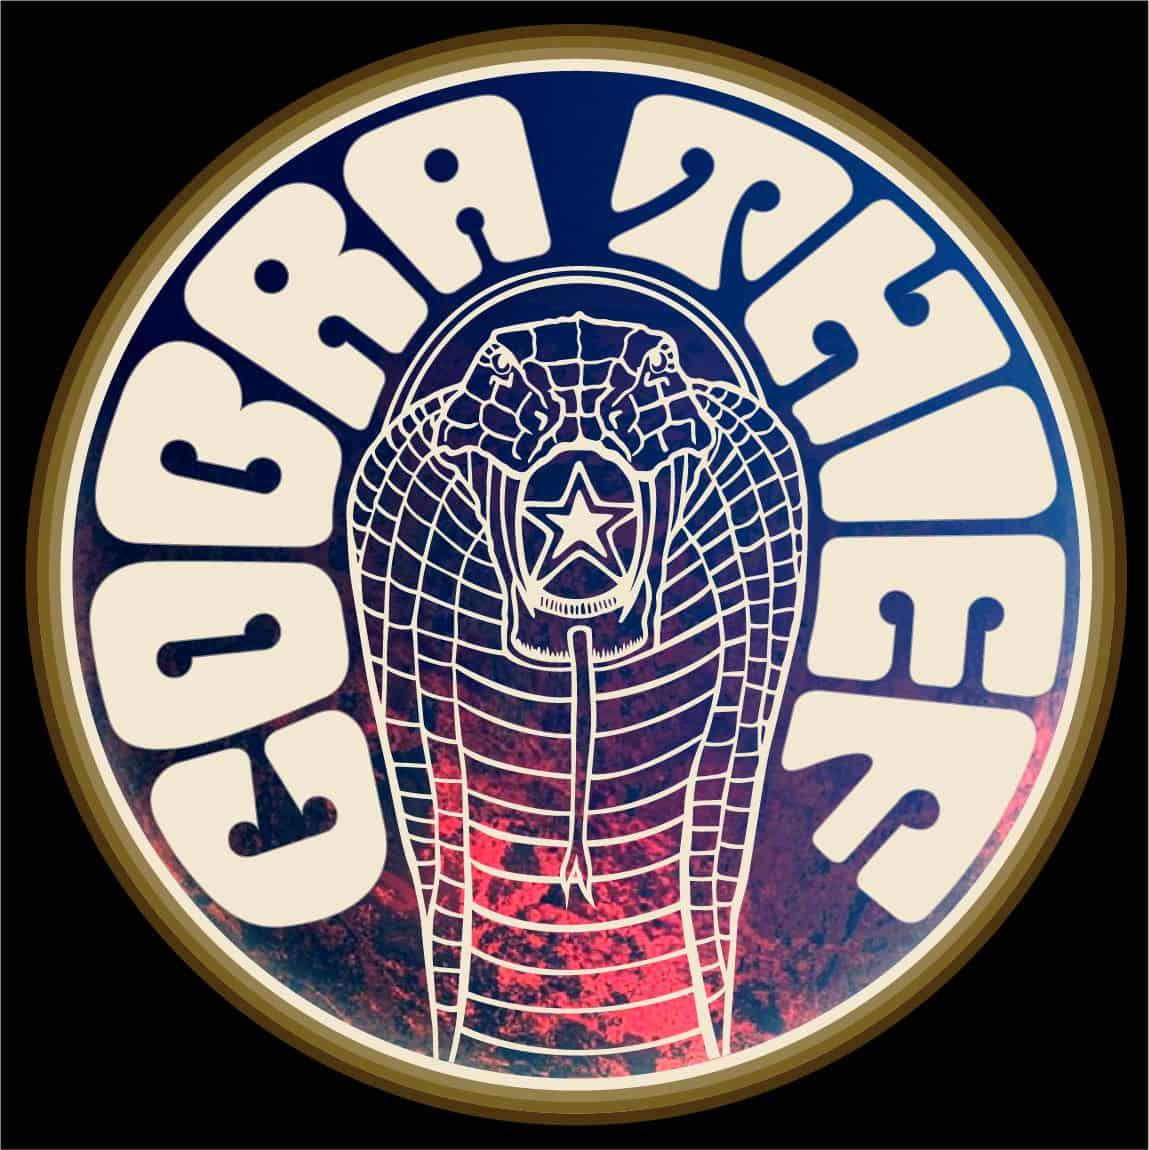 Cobra Thief - Logo